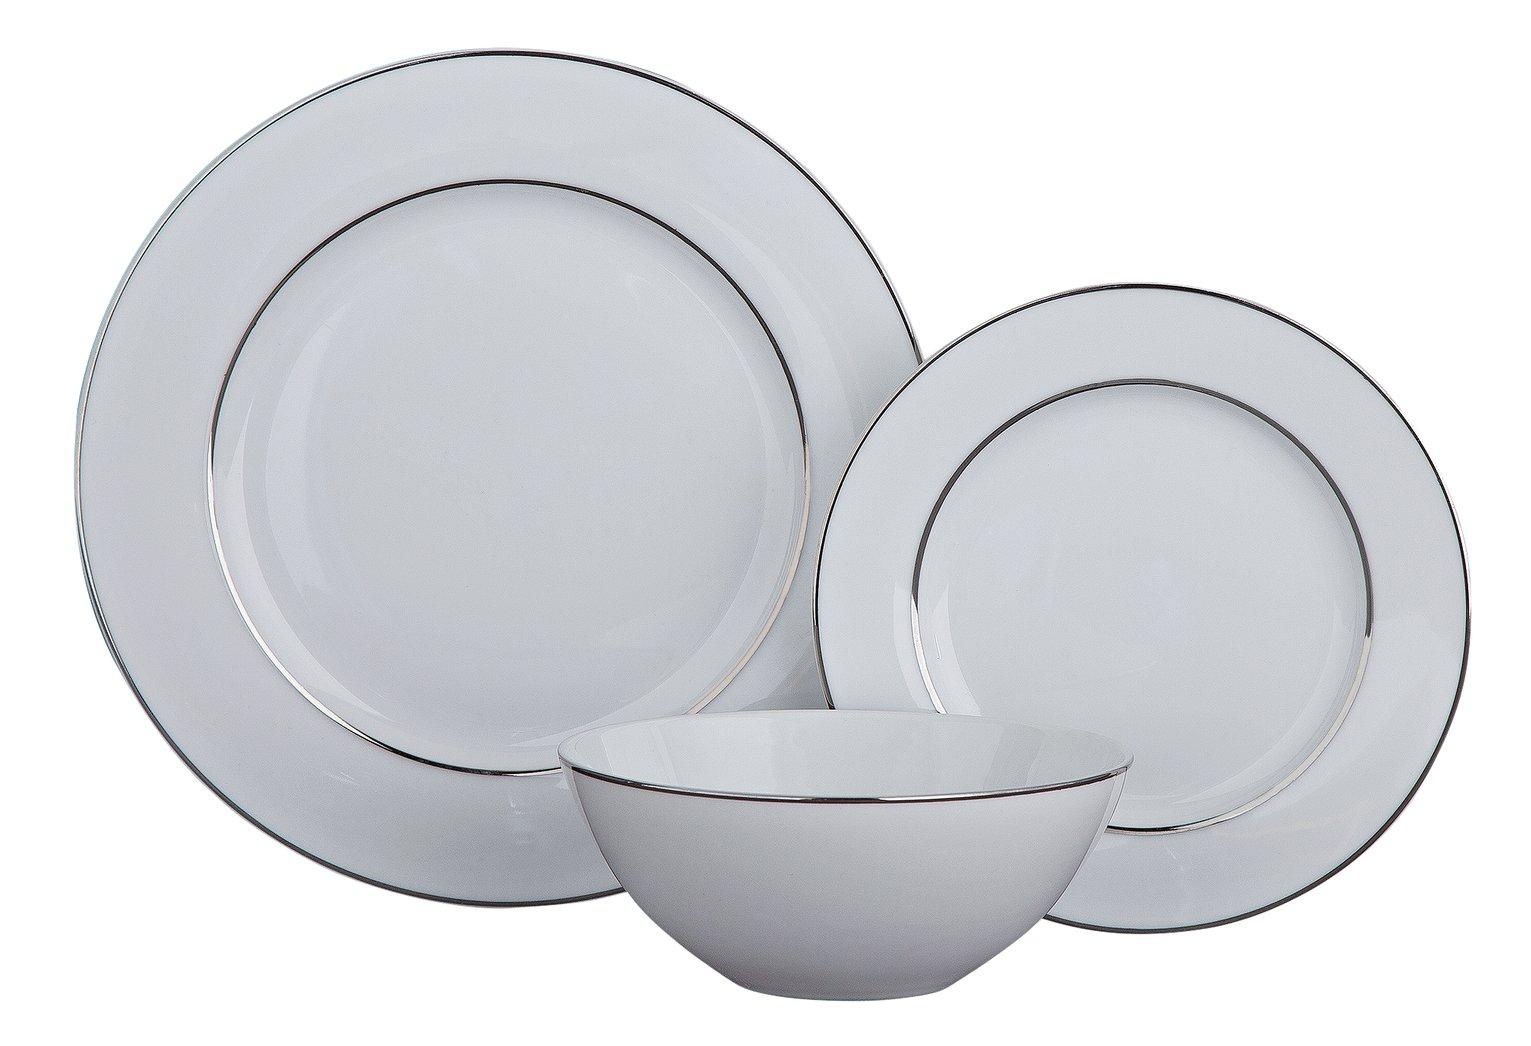 Argos Home Luxe 12 Piece Dinner Set - Platinum